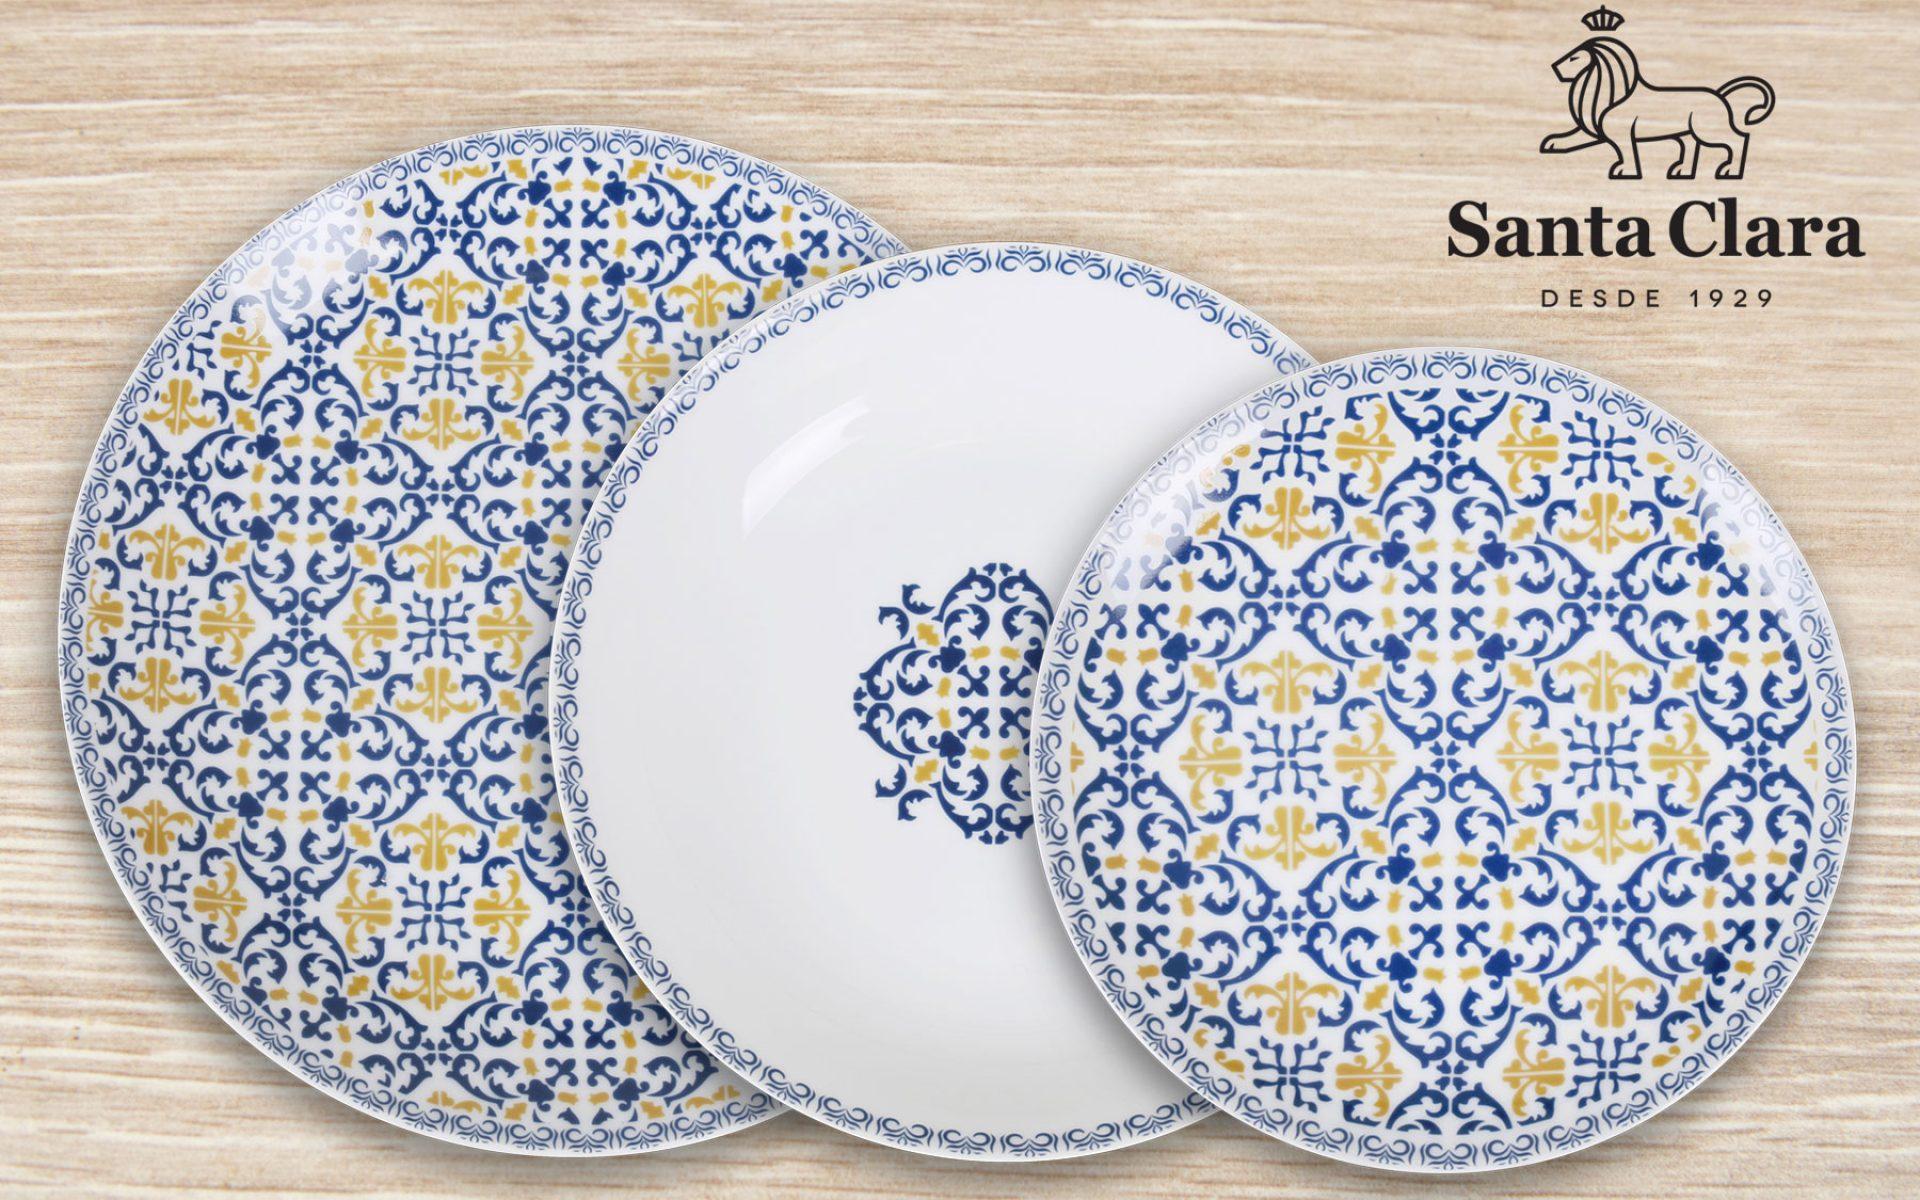 3-SANTA-CLARA-1800x1200_logo-ok